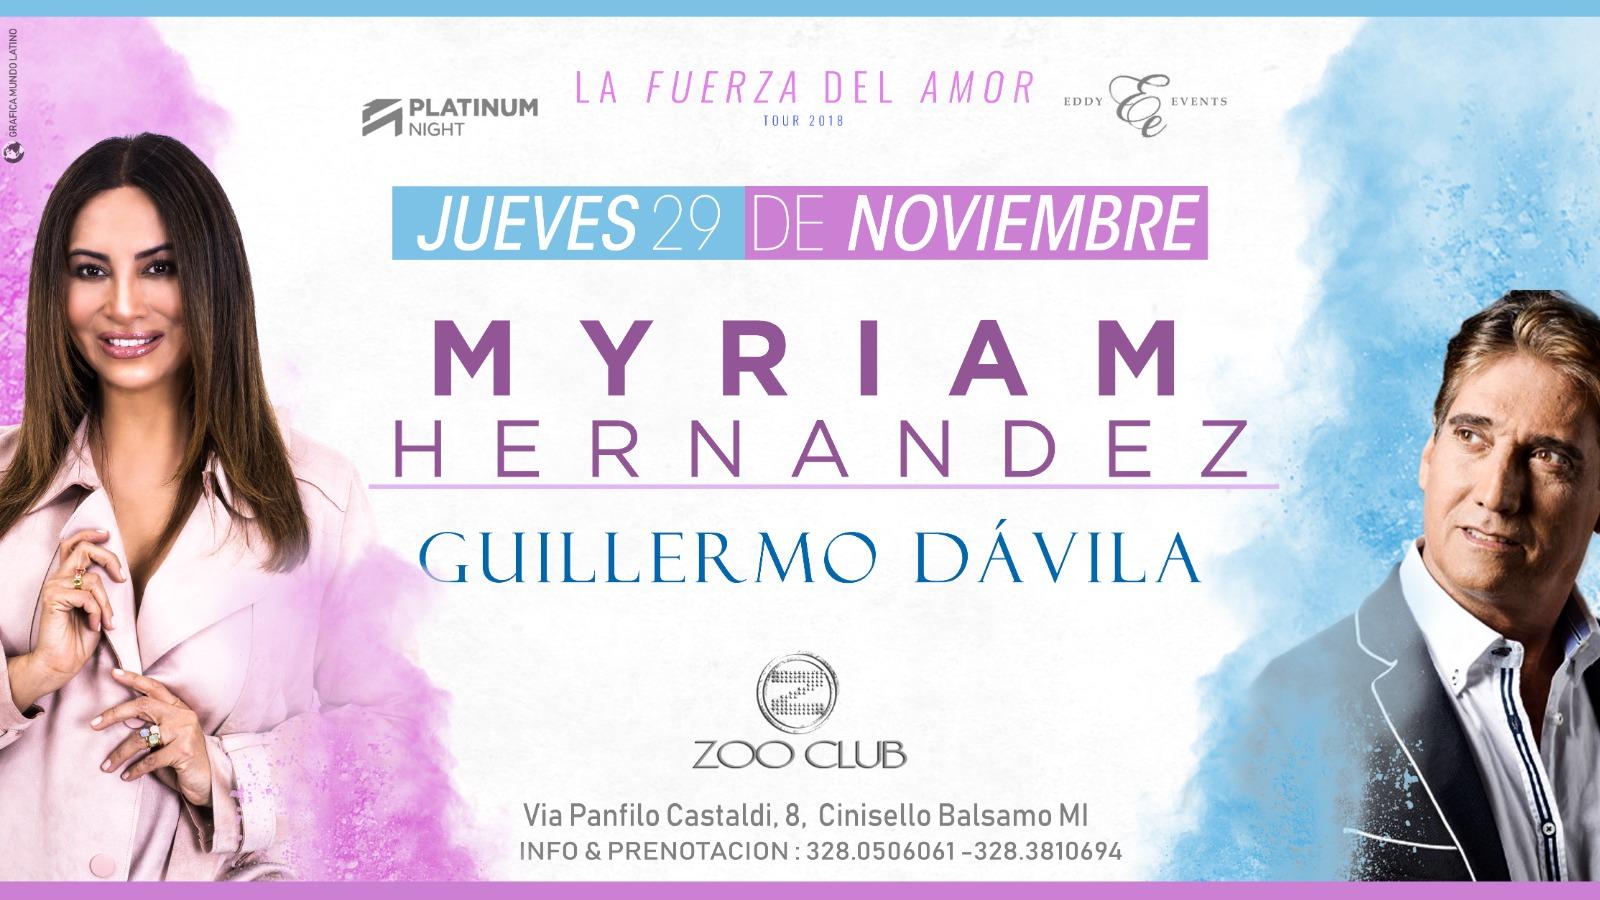 Myriam Hernández y Guillermo Dávila juntos en concierto